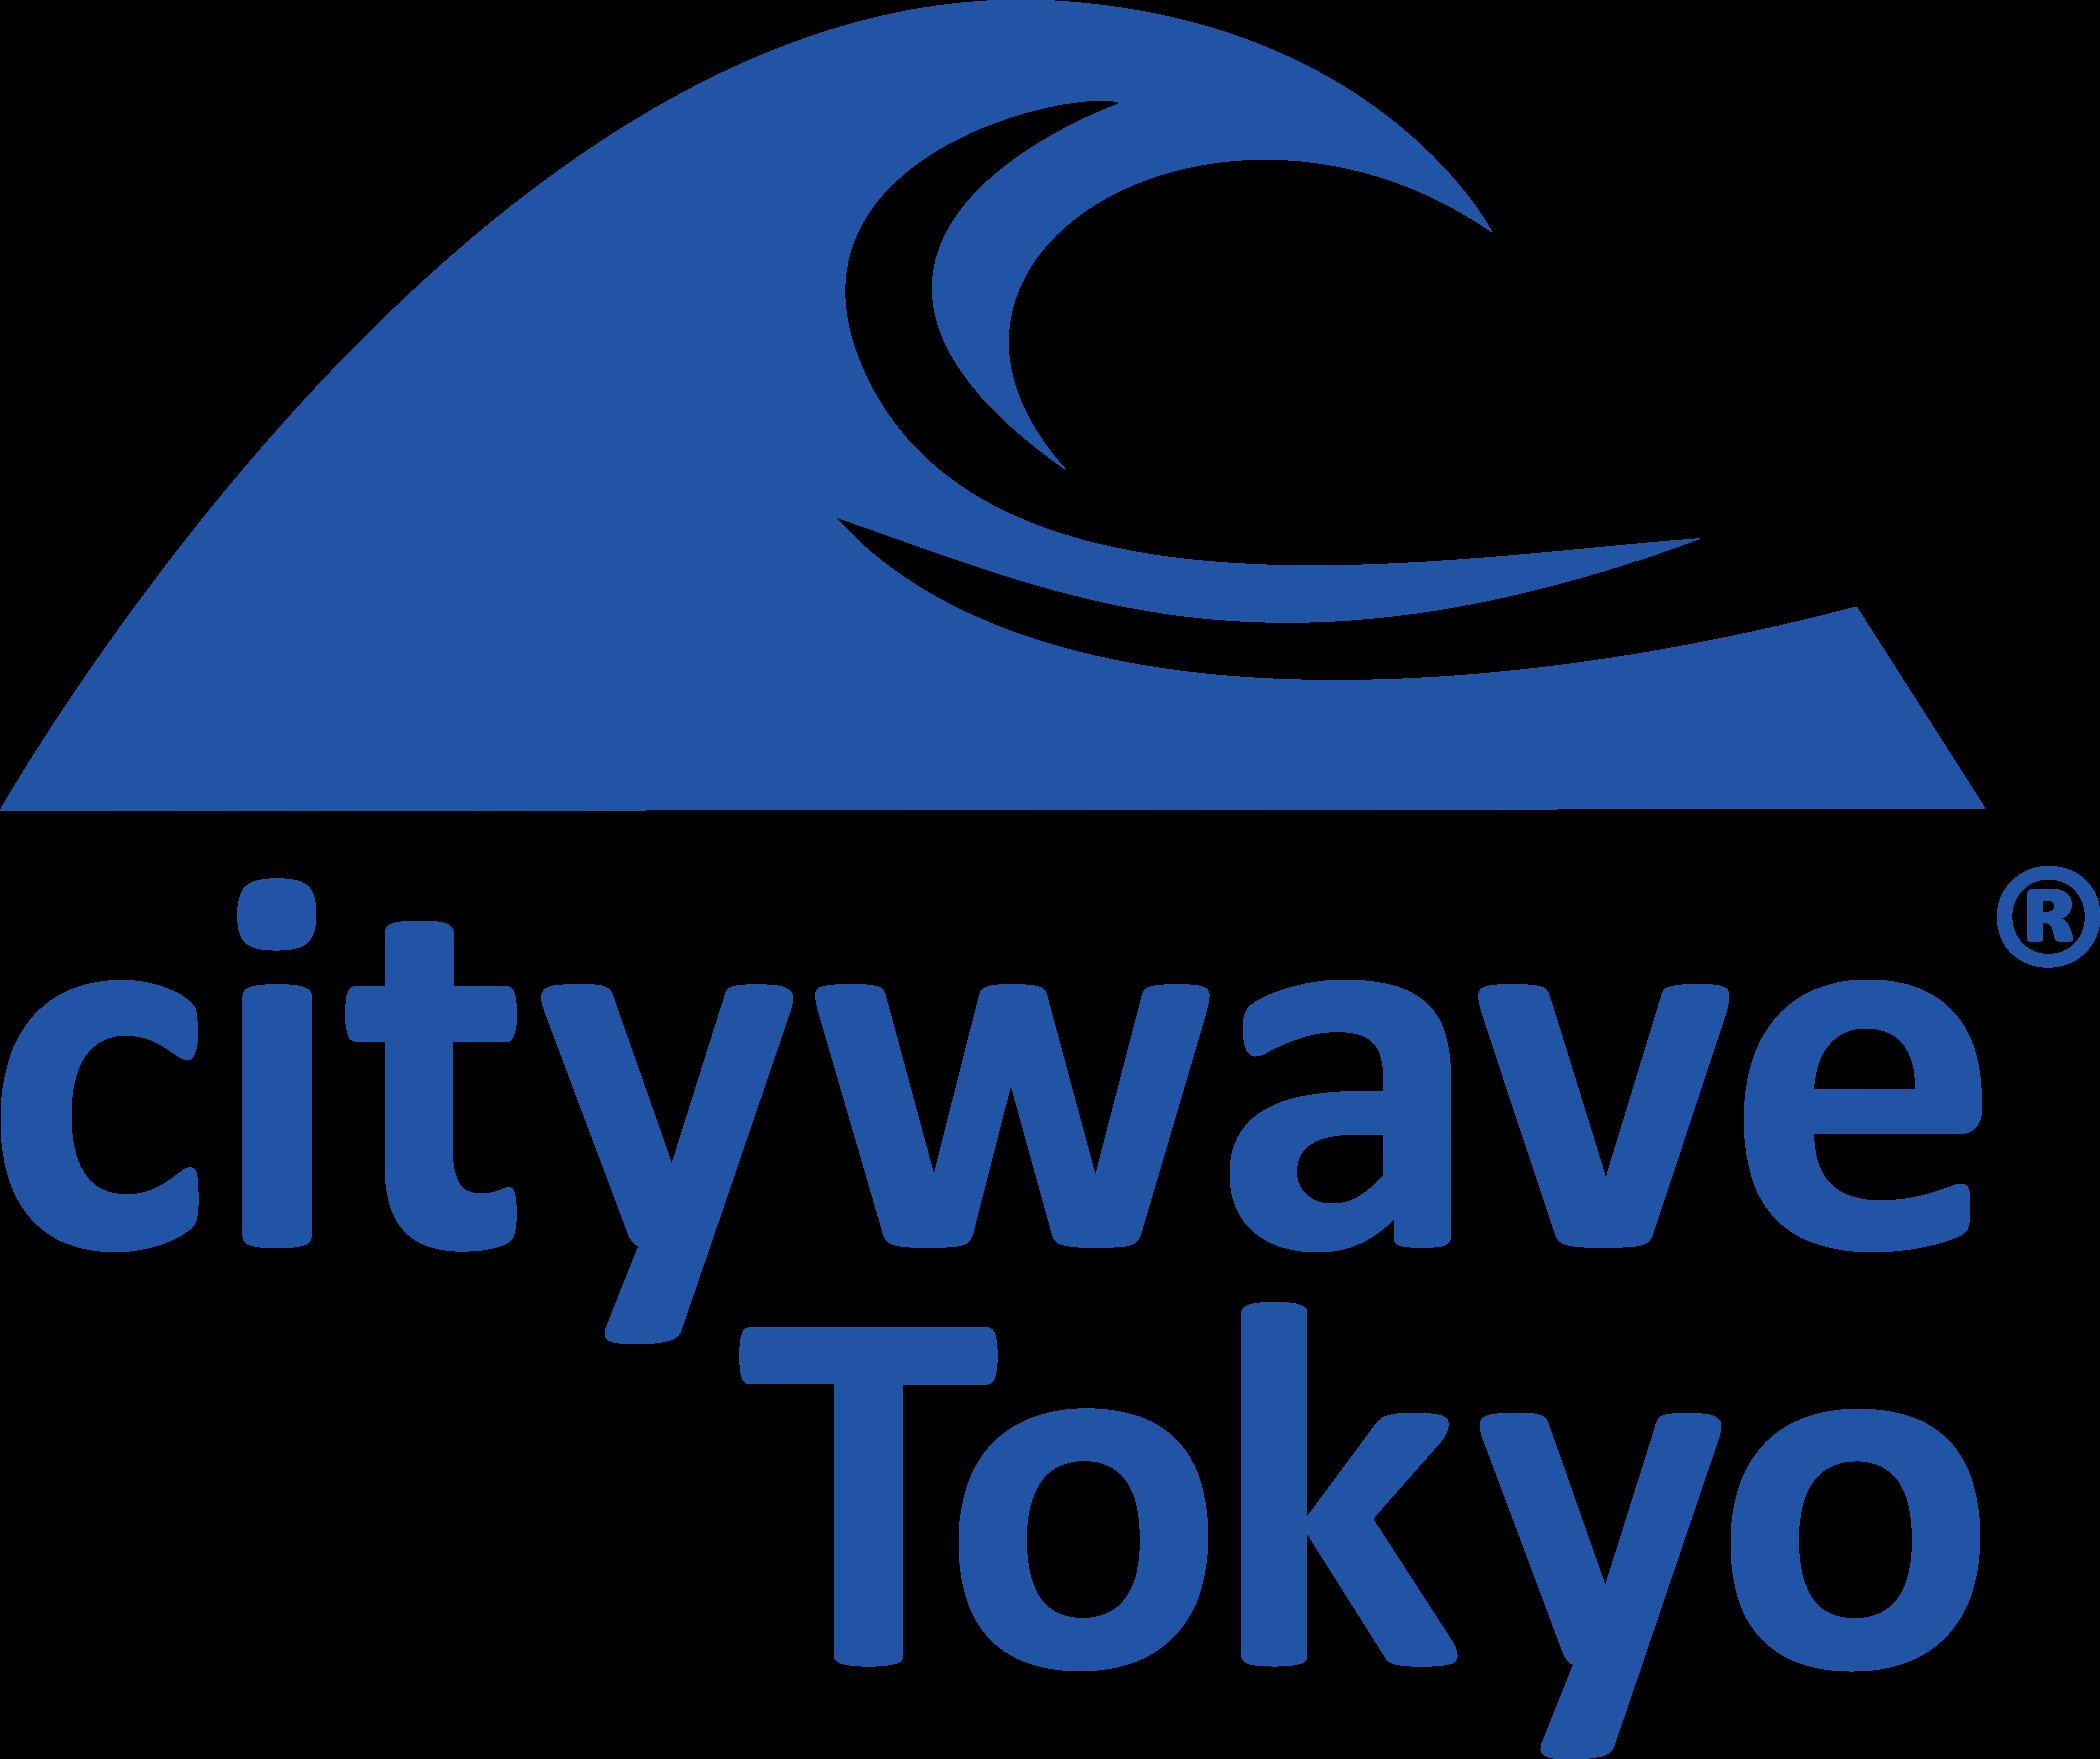 citywave Tokyo Sakaimachi